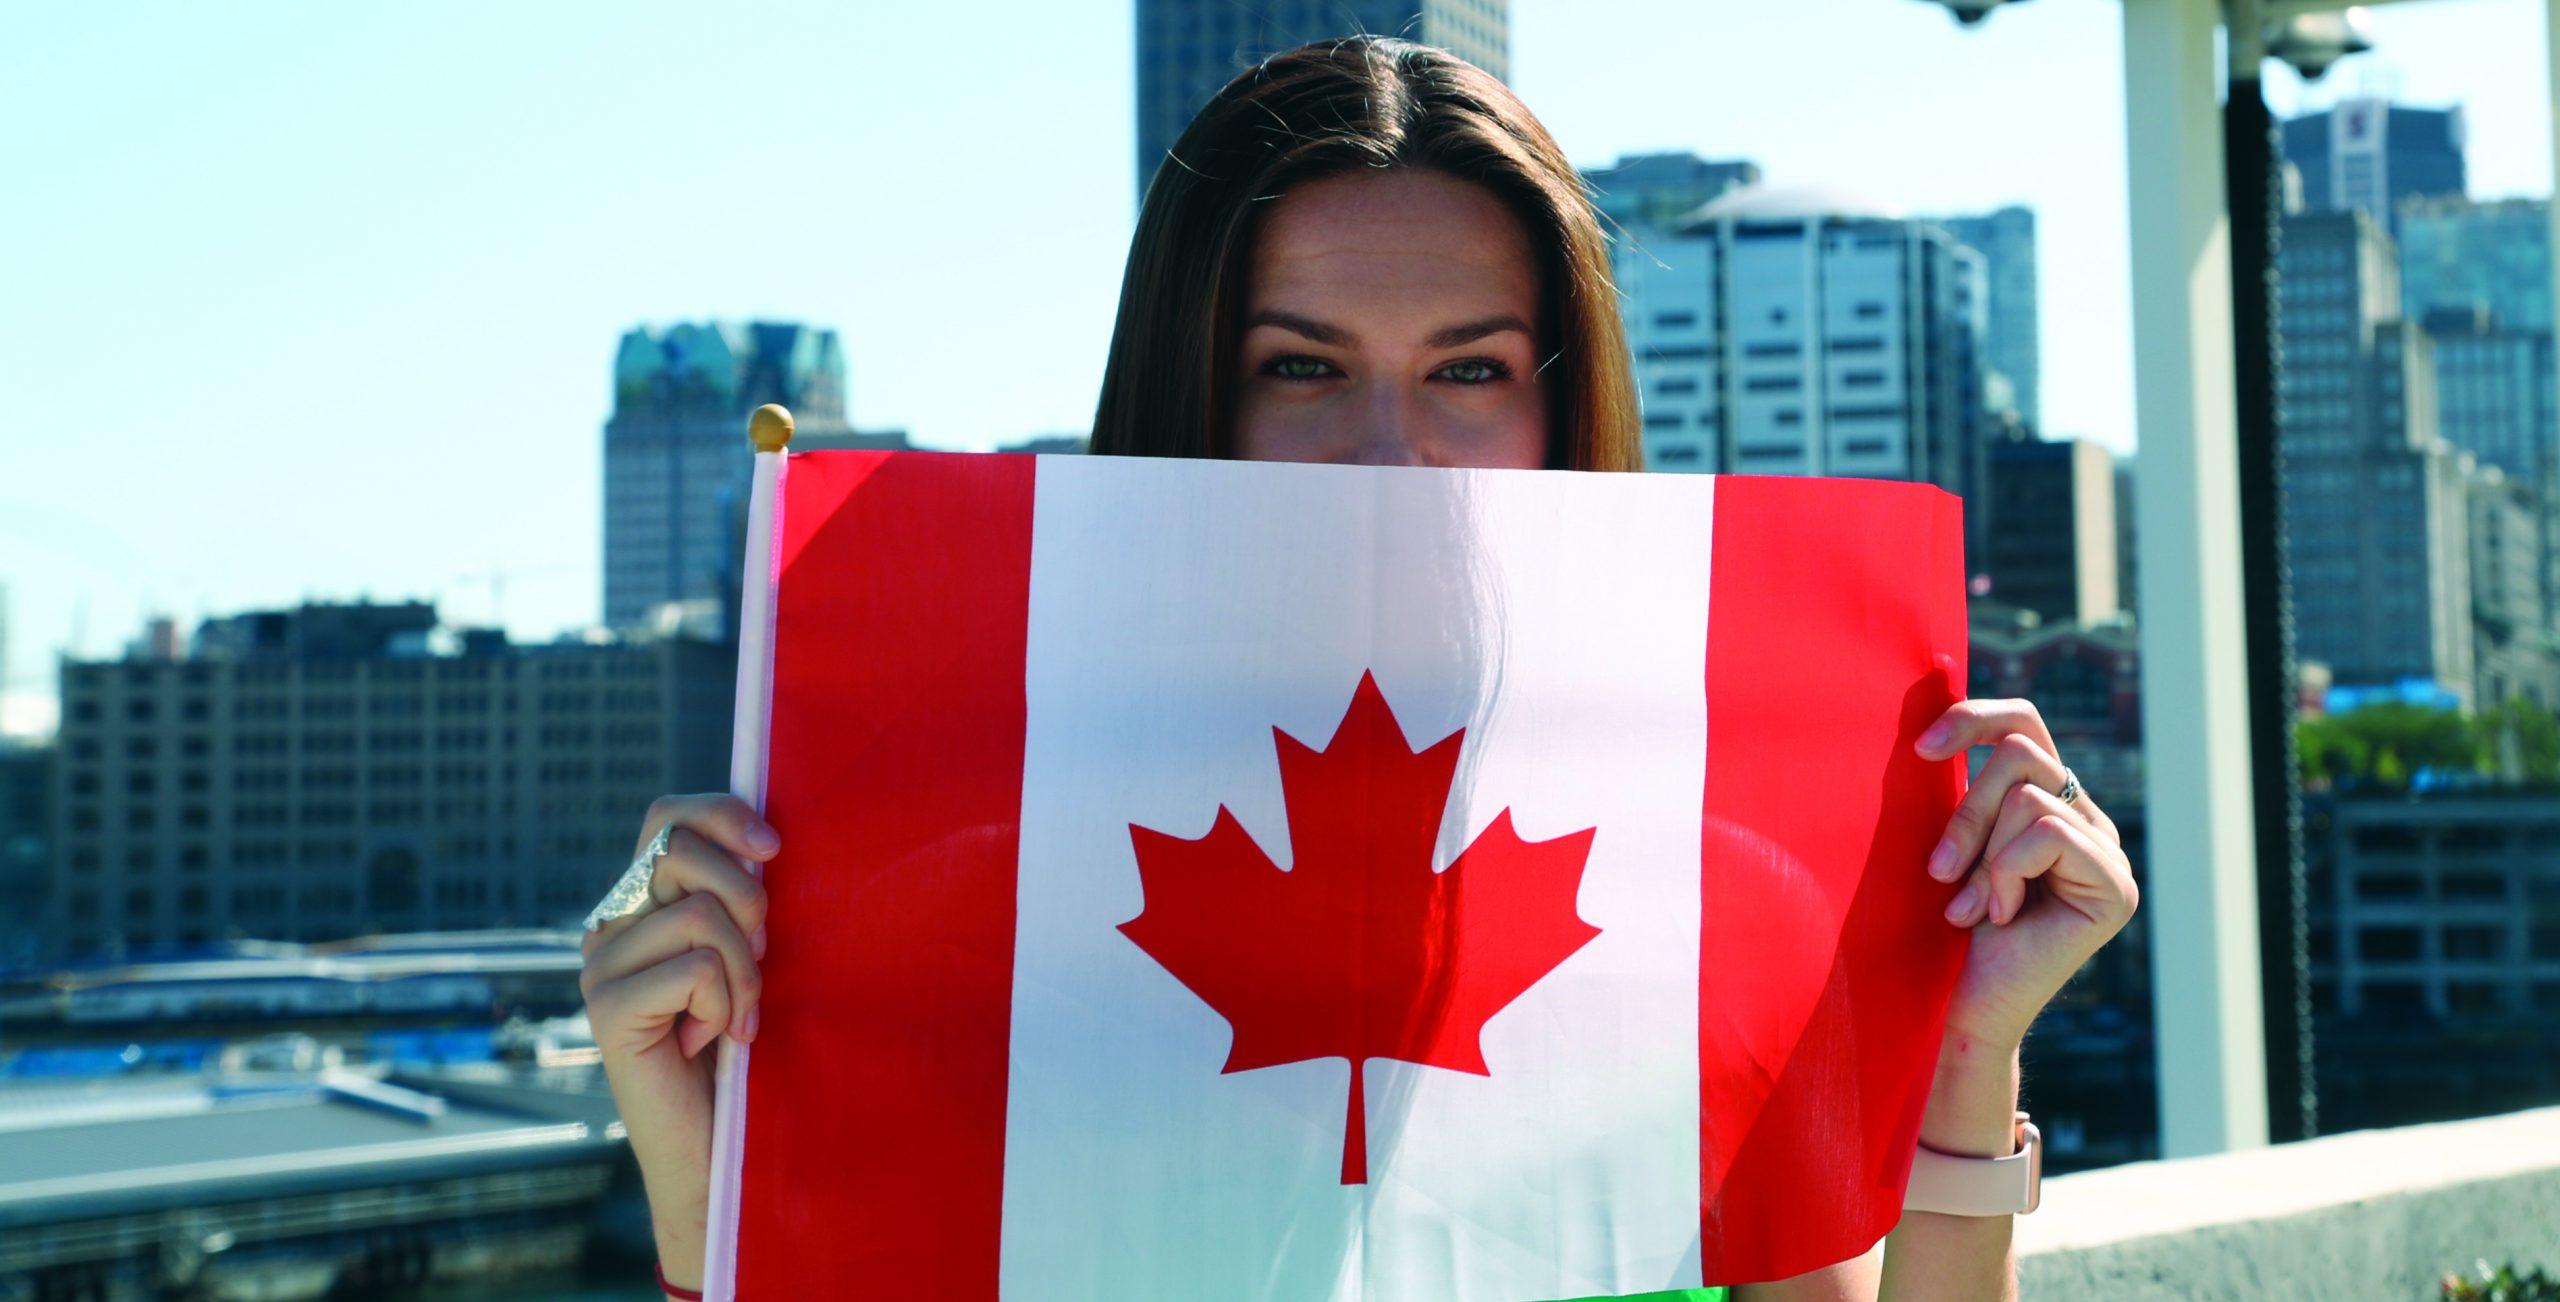 Định cư Canada diện tay nghề là xu hướng của giới trẻ Việt Nam hiện nay